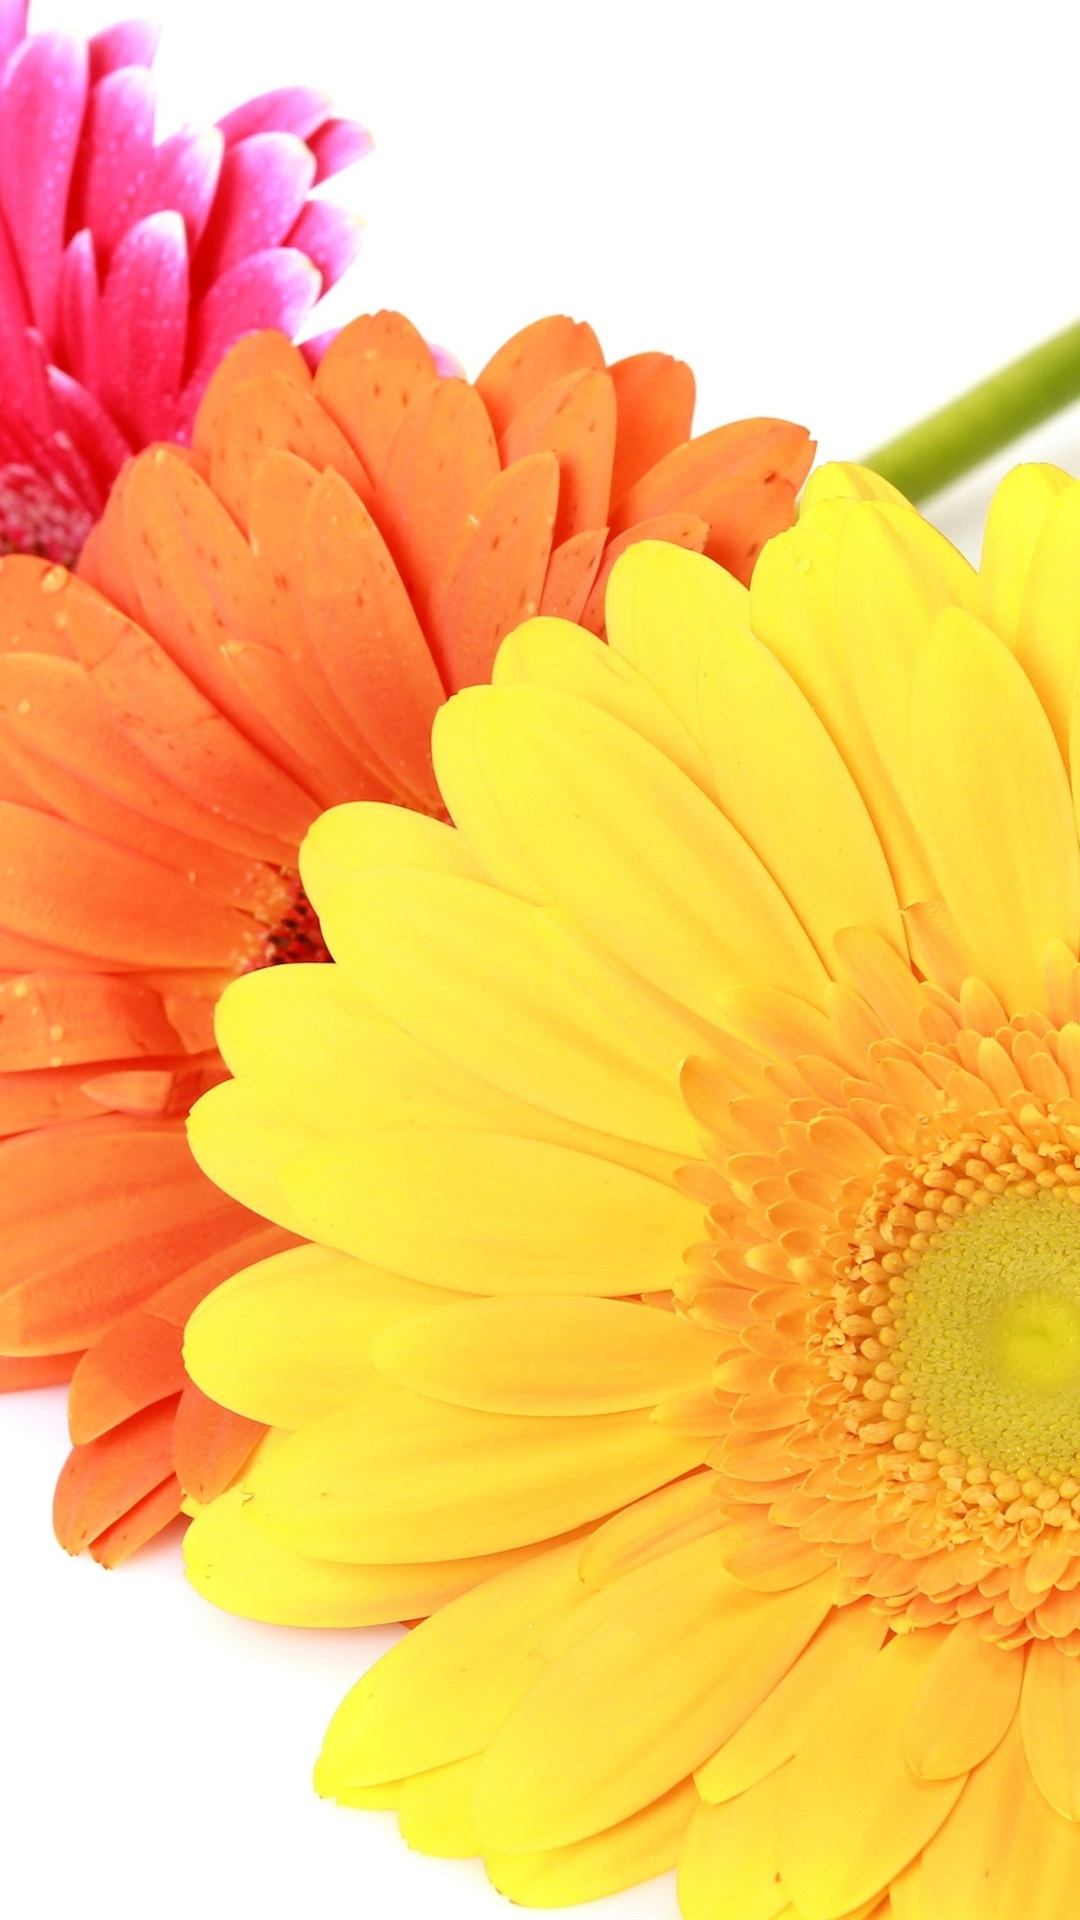 カラフルなガーベラの花 白い背景 1080x19 Iphone 8 7 6 6s Plus 壁紙 背景 画像